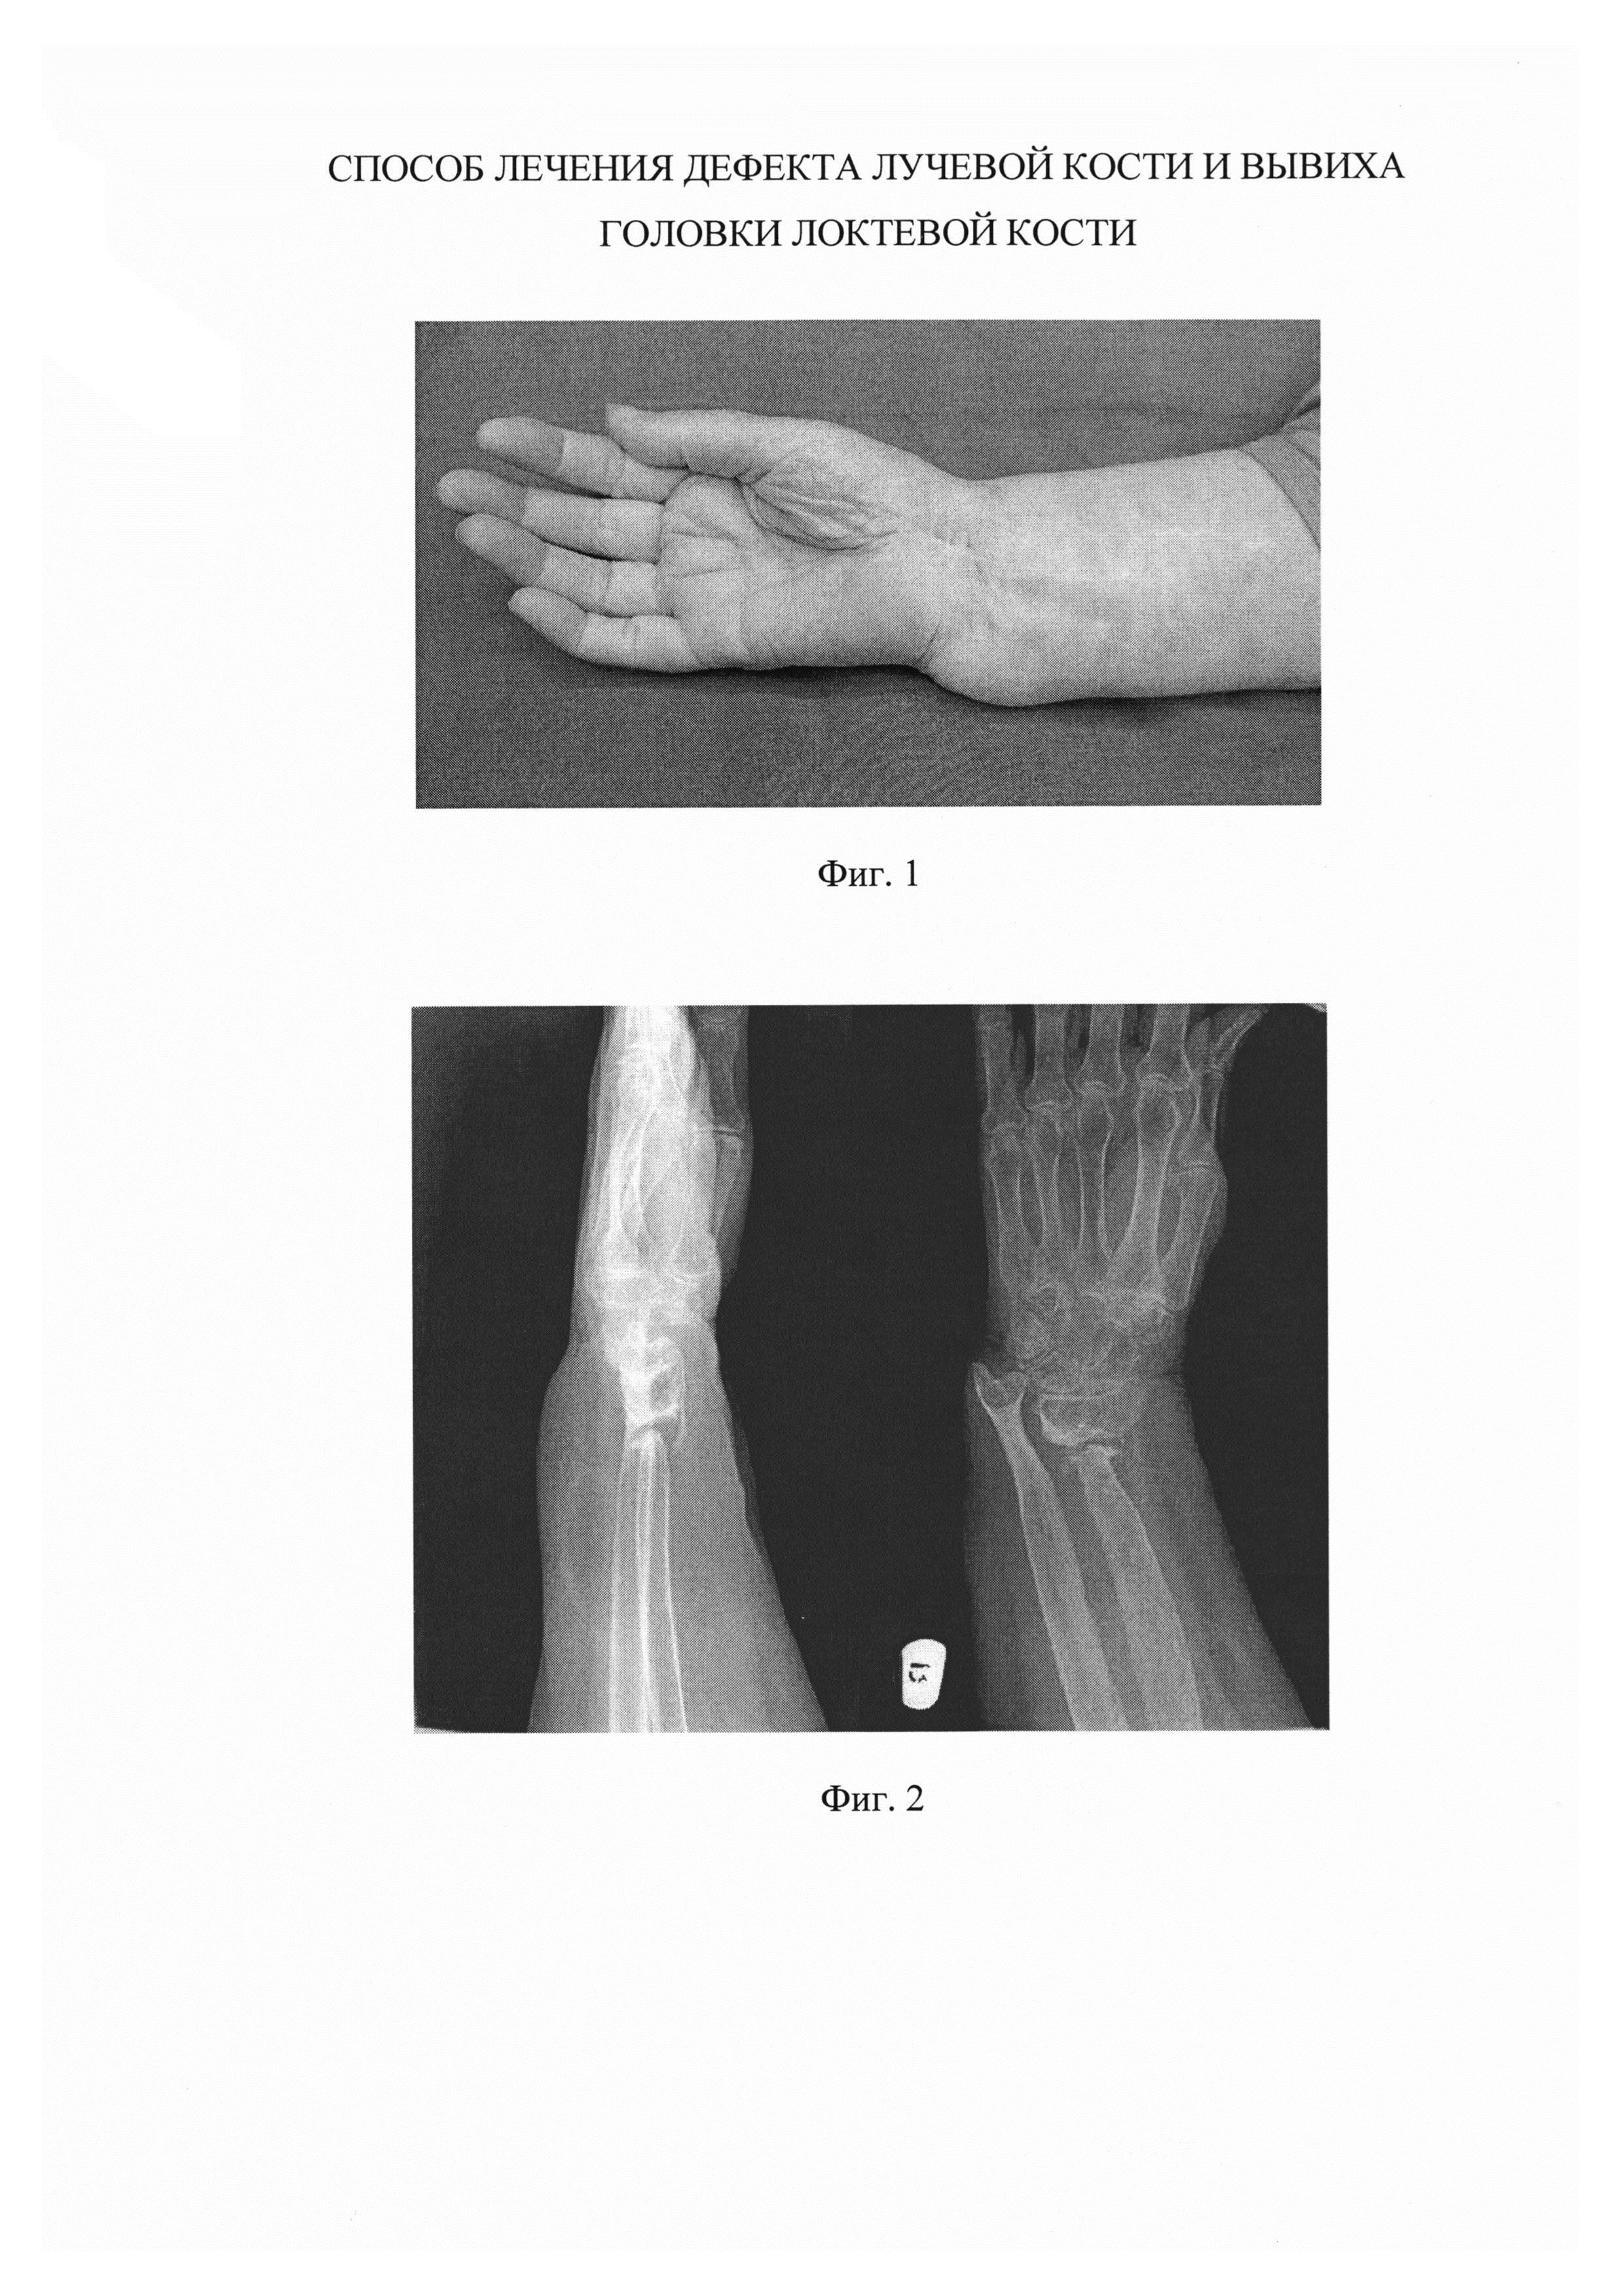 Способ лечения дефекта лучевой кости и вывиха головки локтевой кости